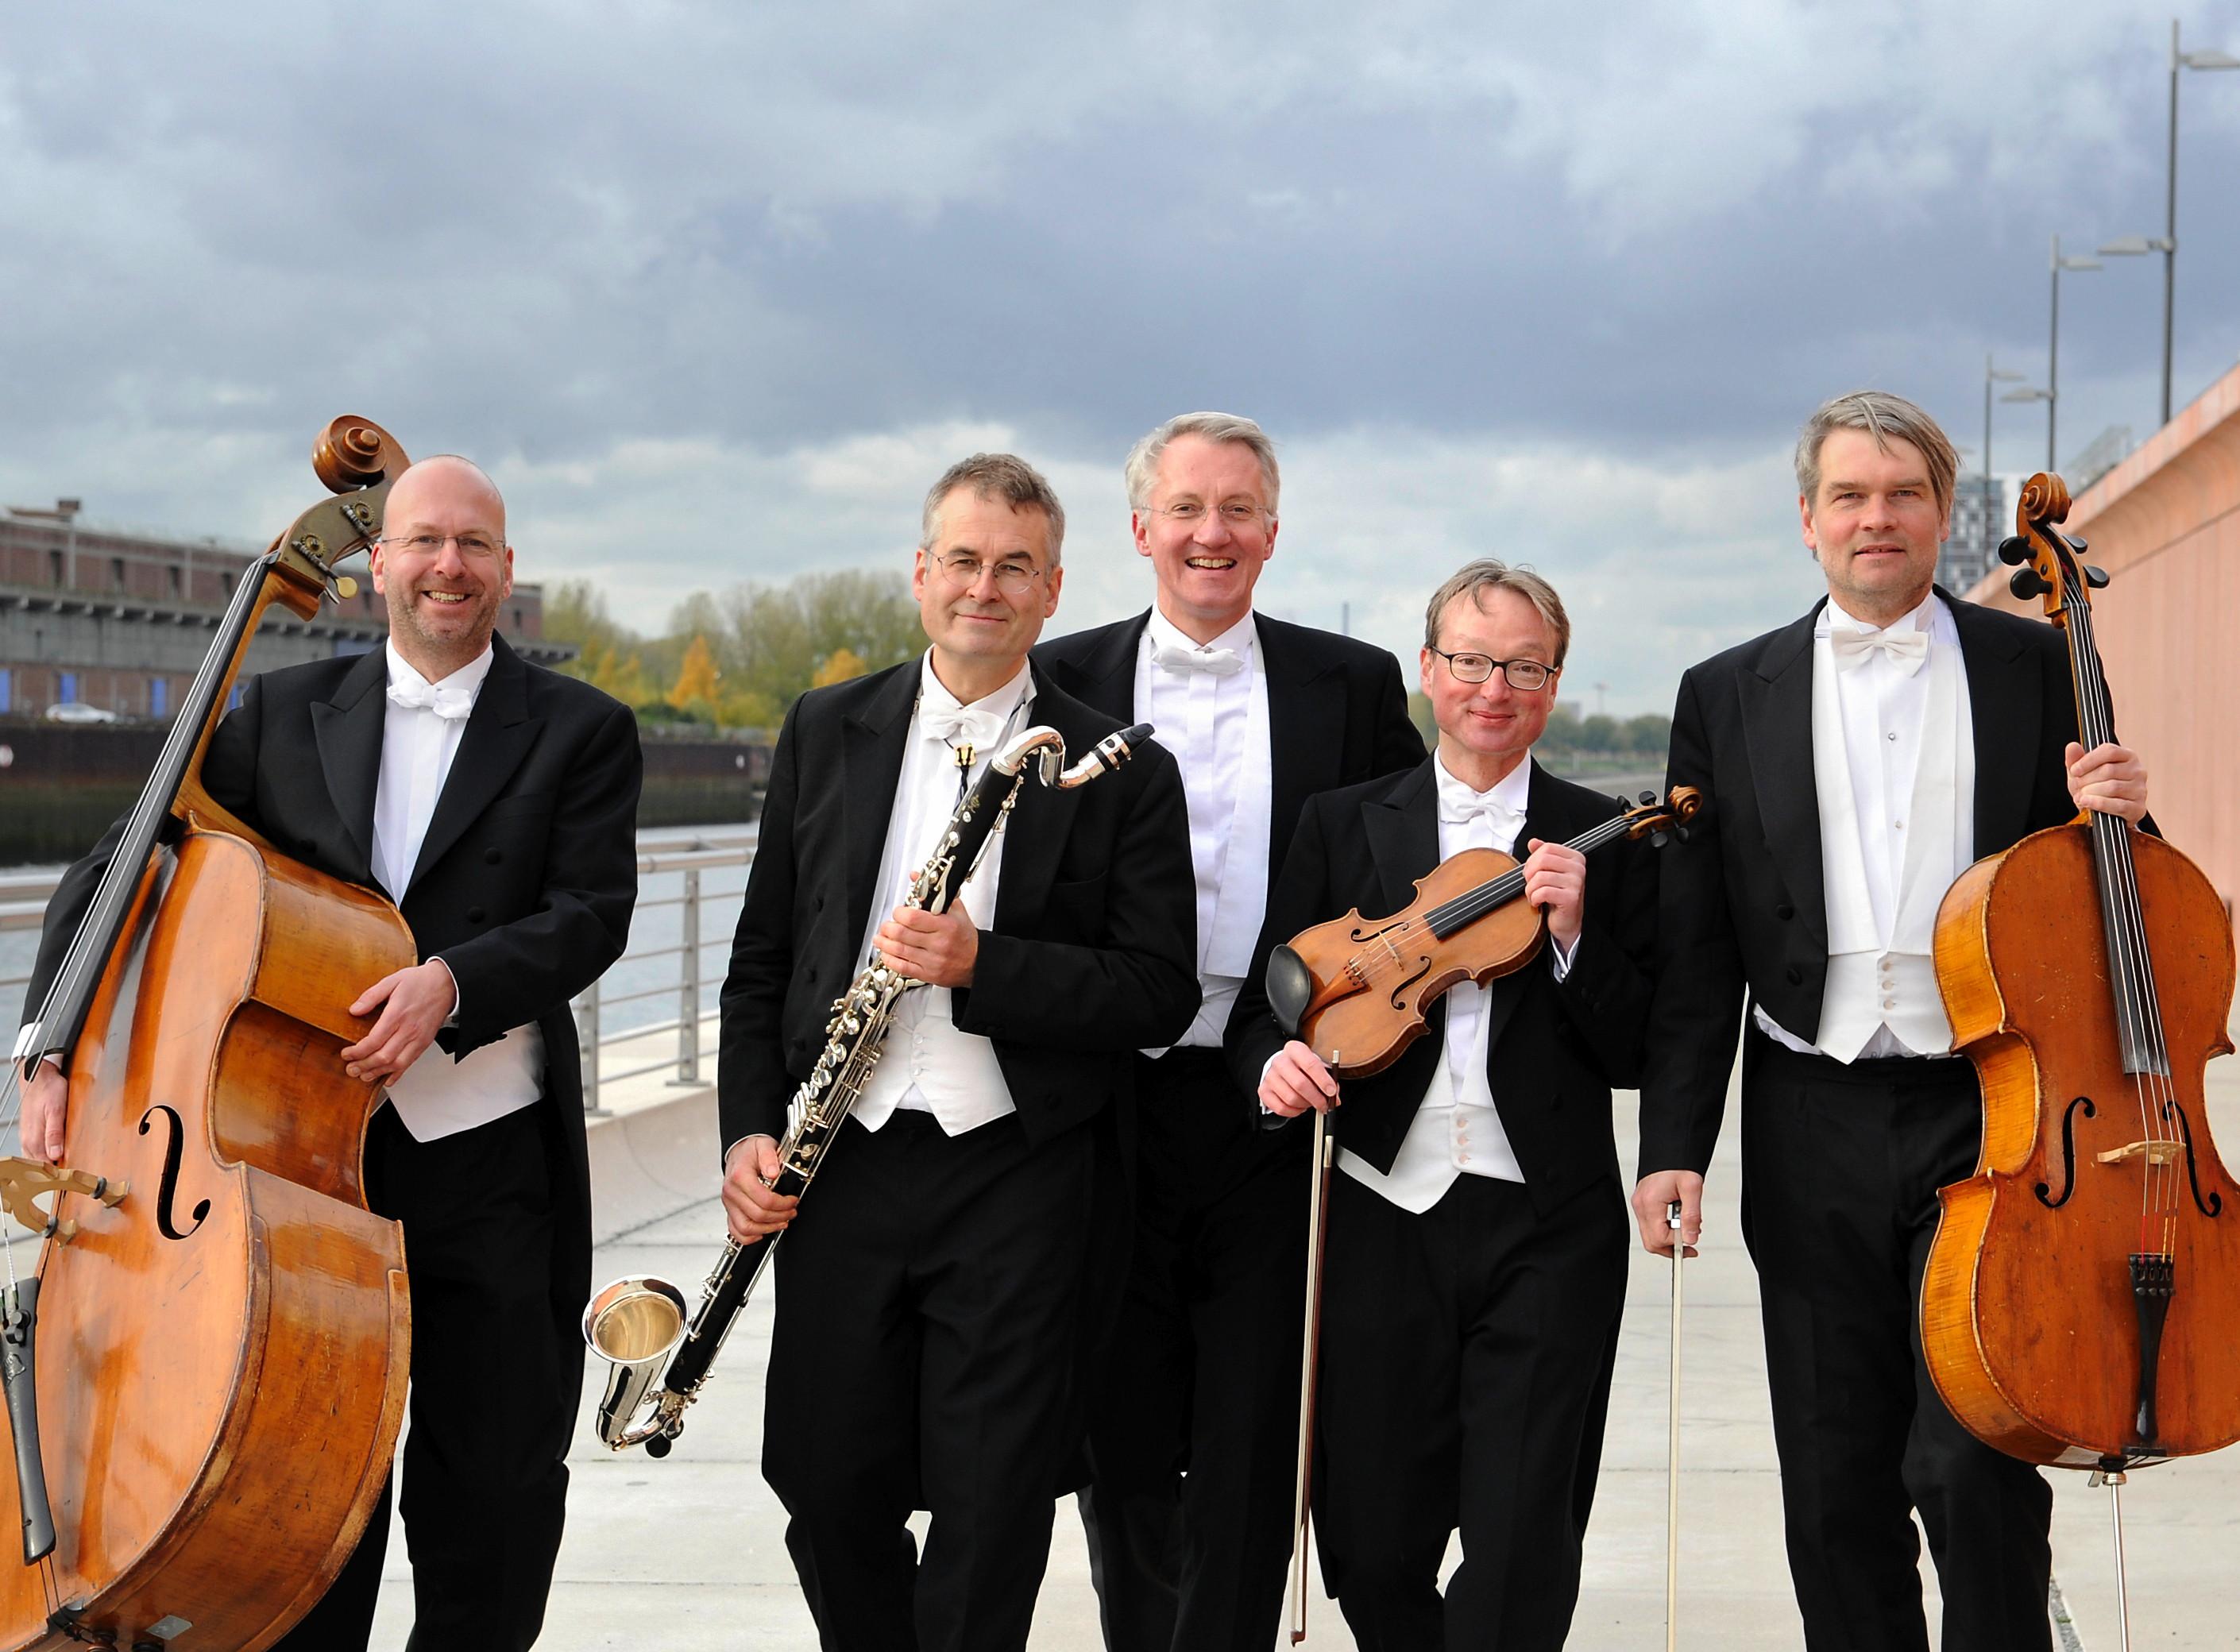 Fünf Männer in Anoraks und Instrumenten in den Händen